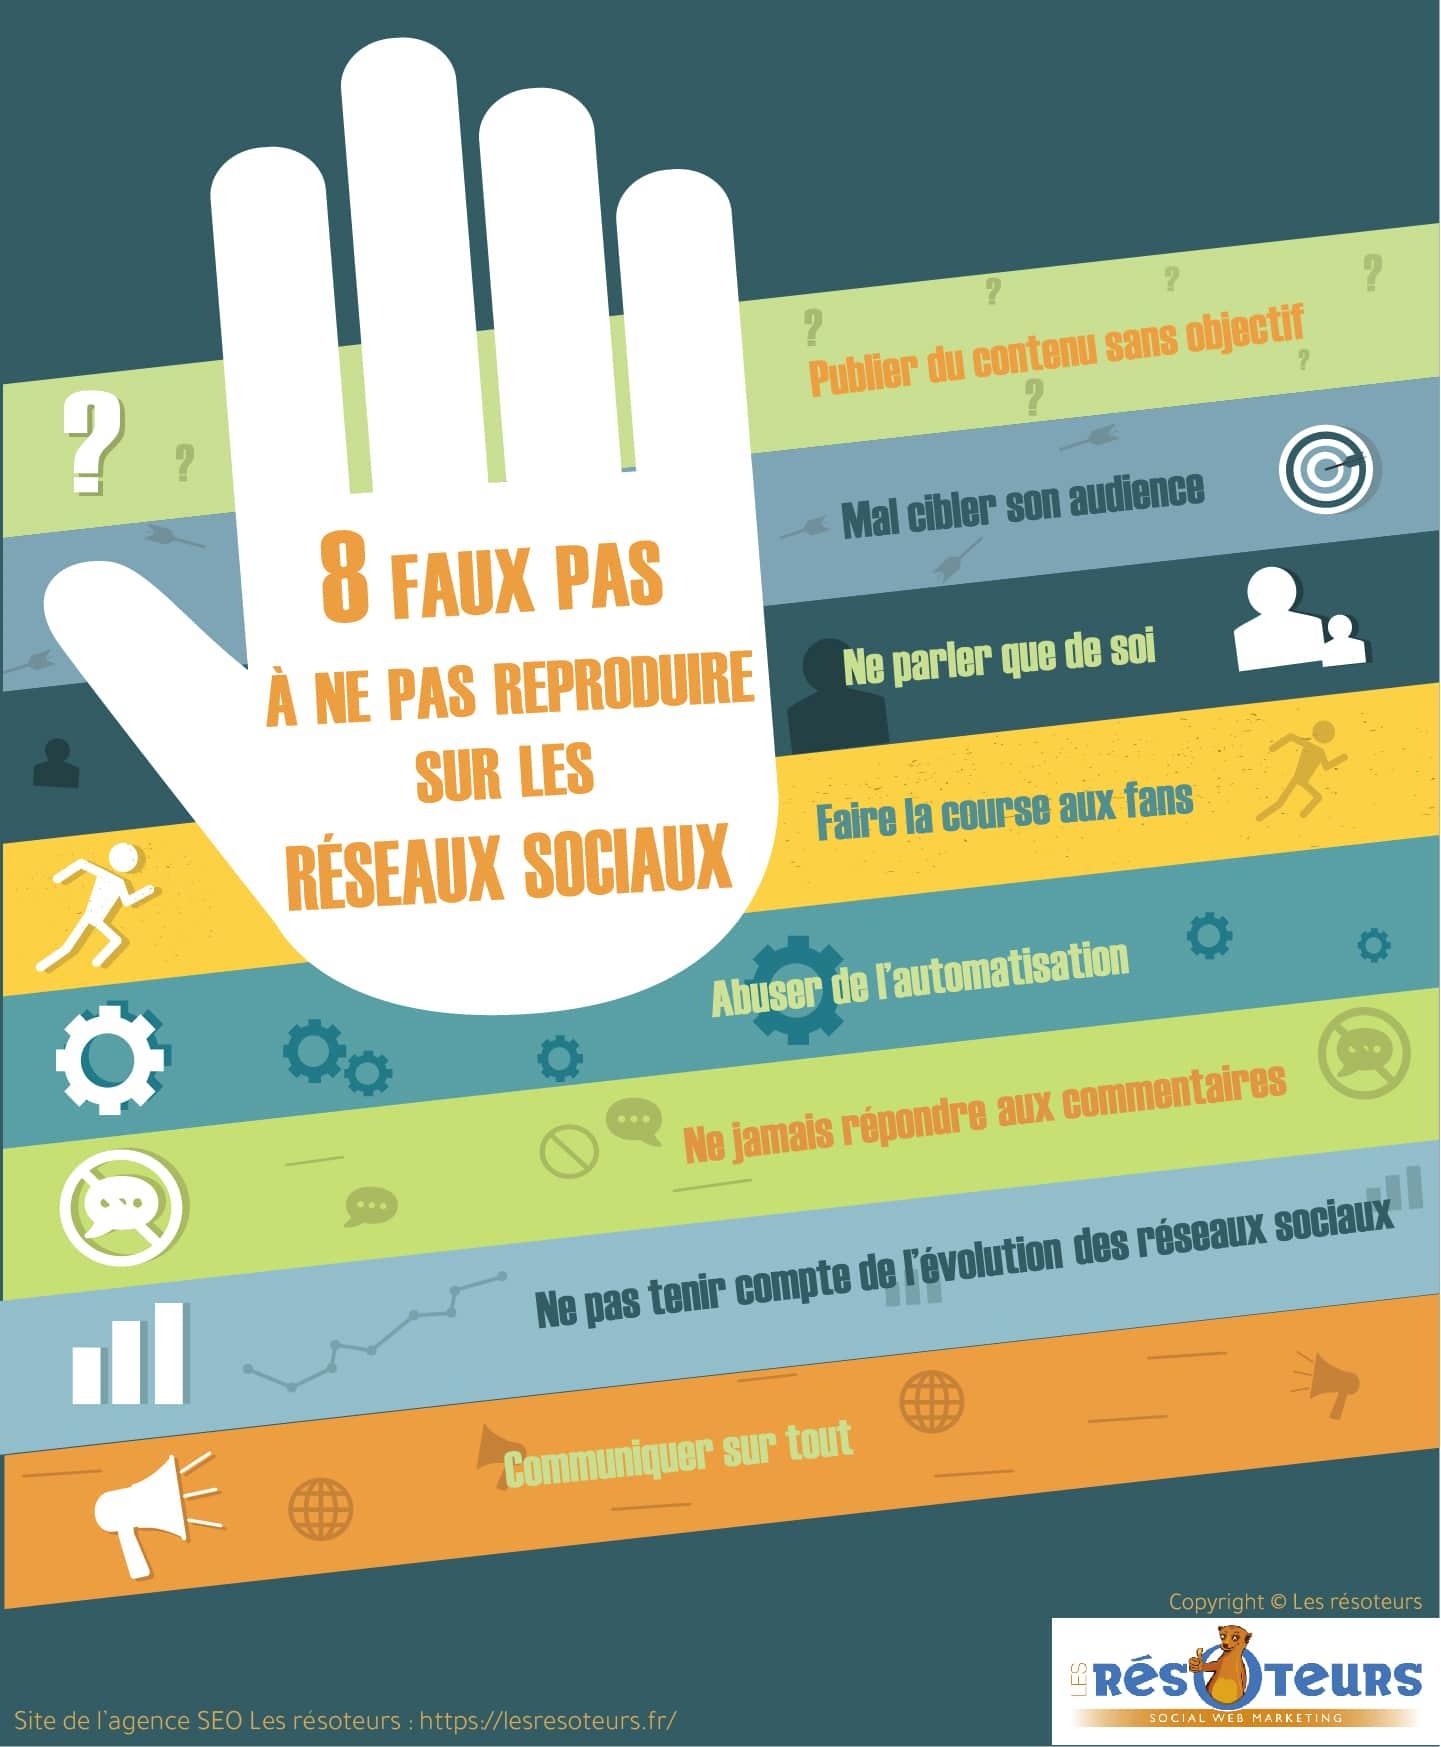 8 faux pas sur les reseaux sociaux